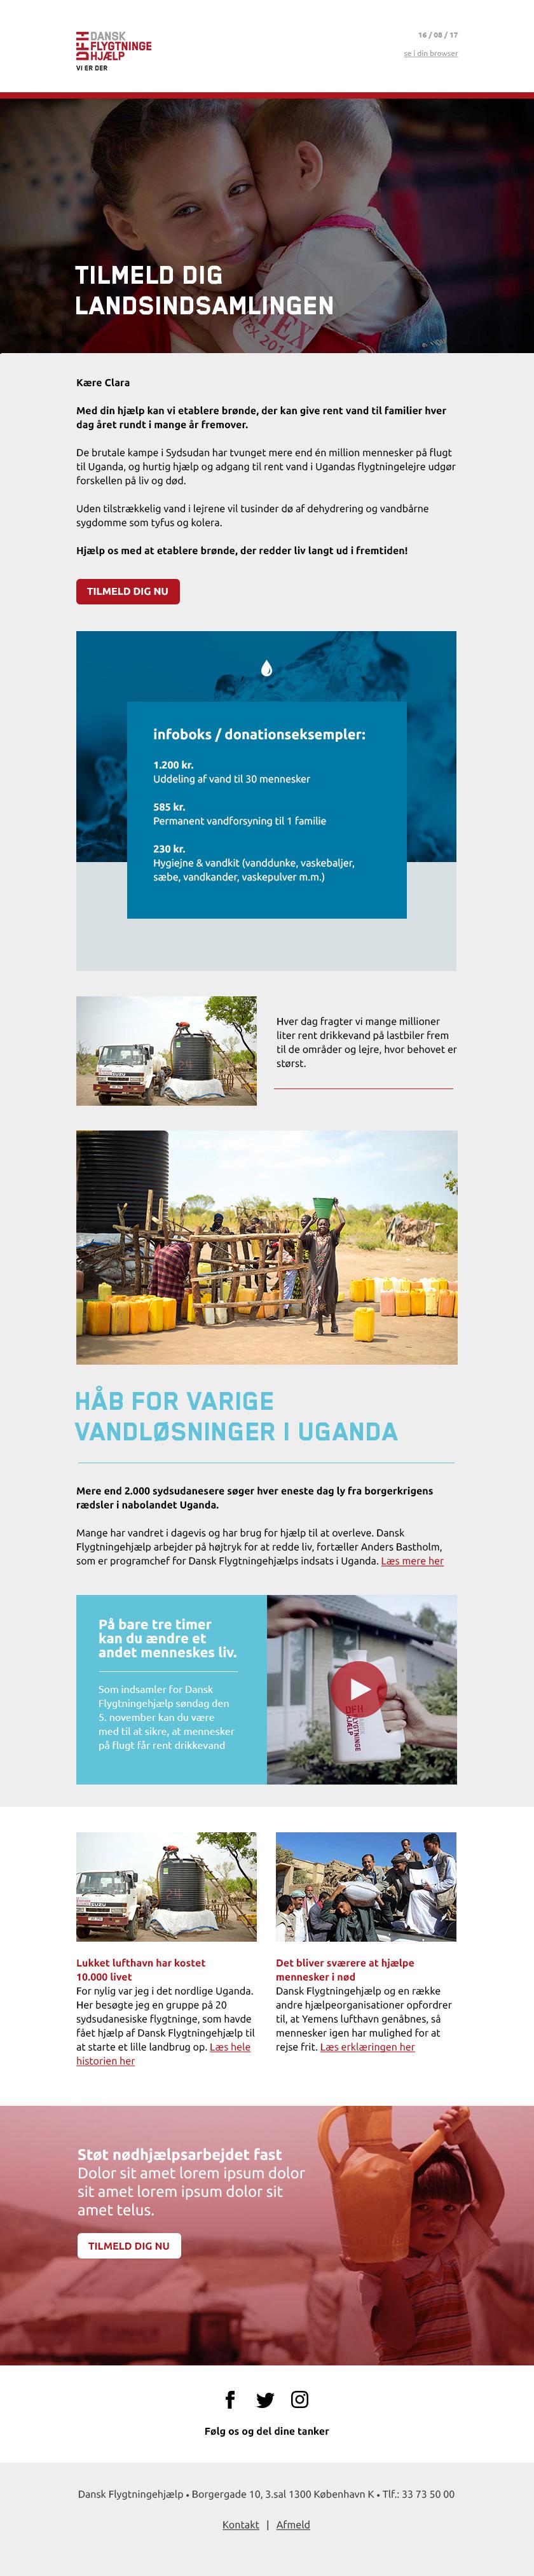 Dansk Flygtningehjælp emailtemplate